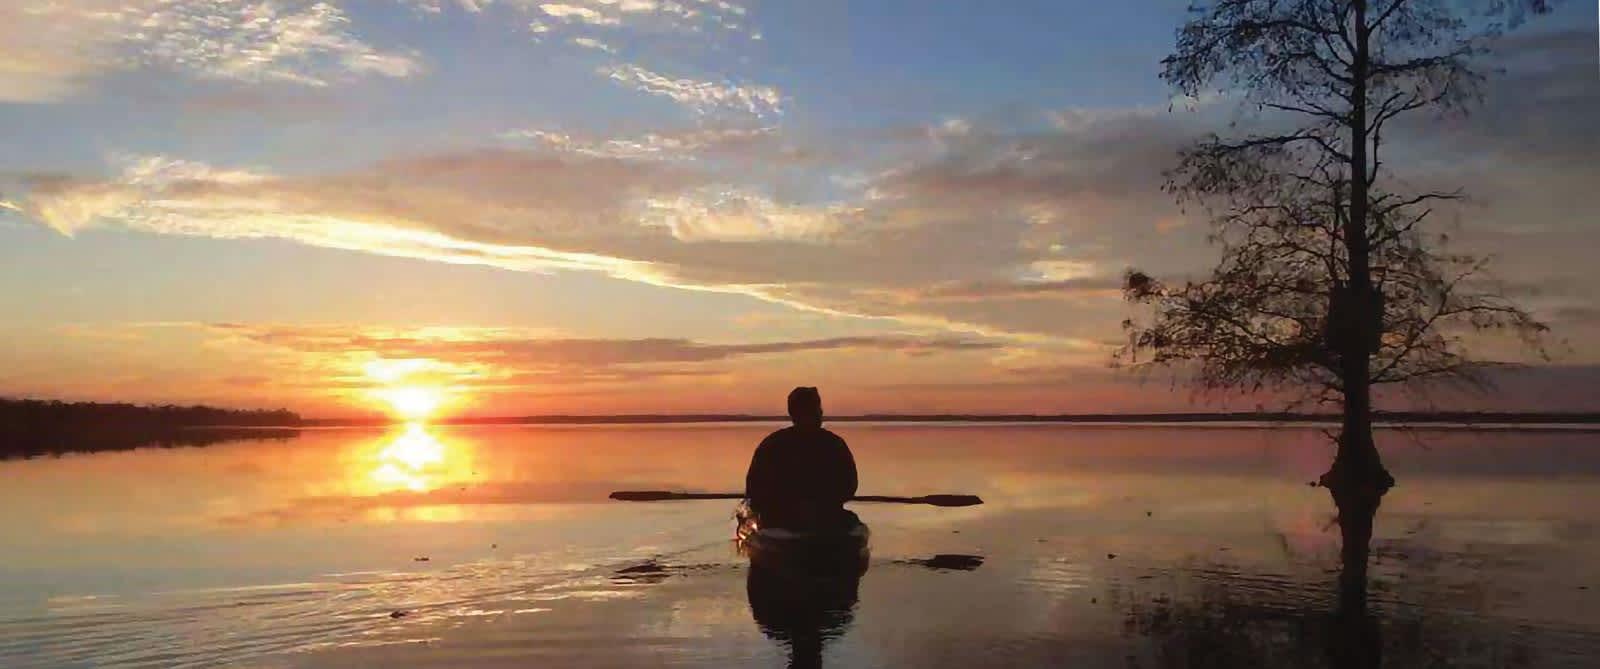 Kayak in Swamp